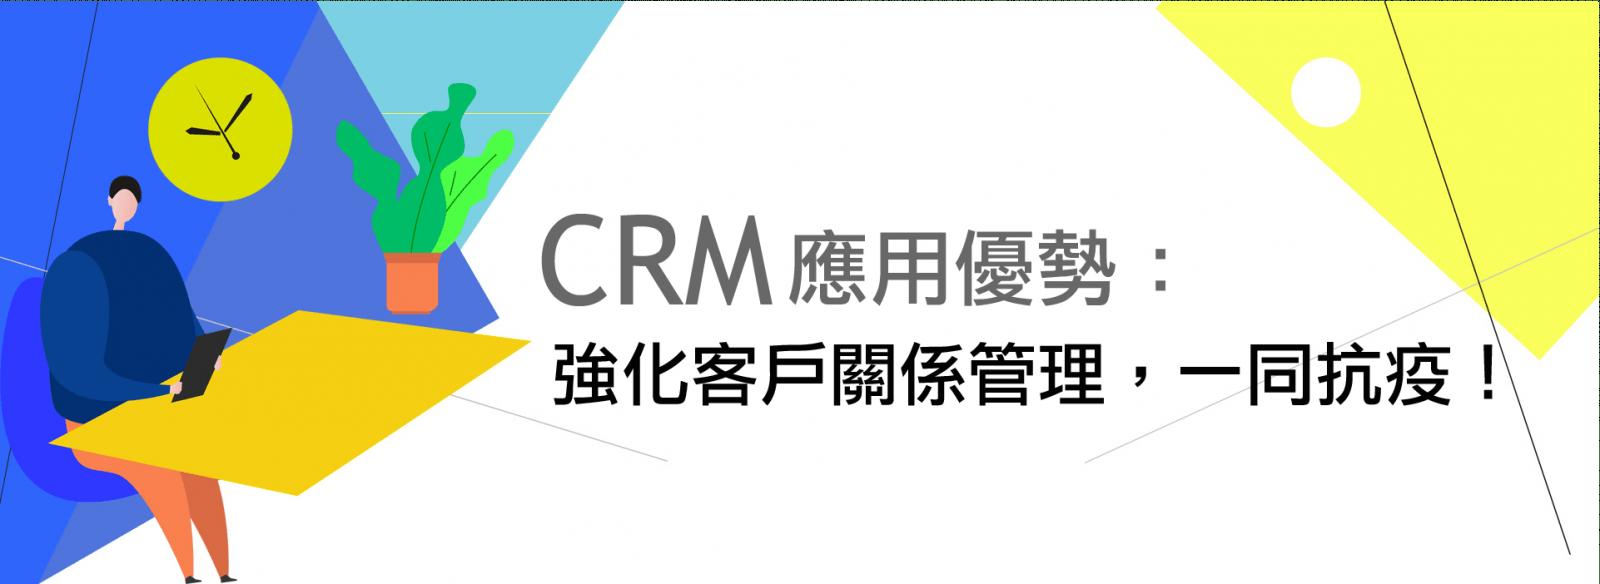 CRM於疫情期間的應用優勢